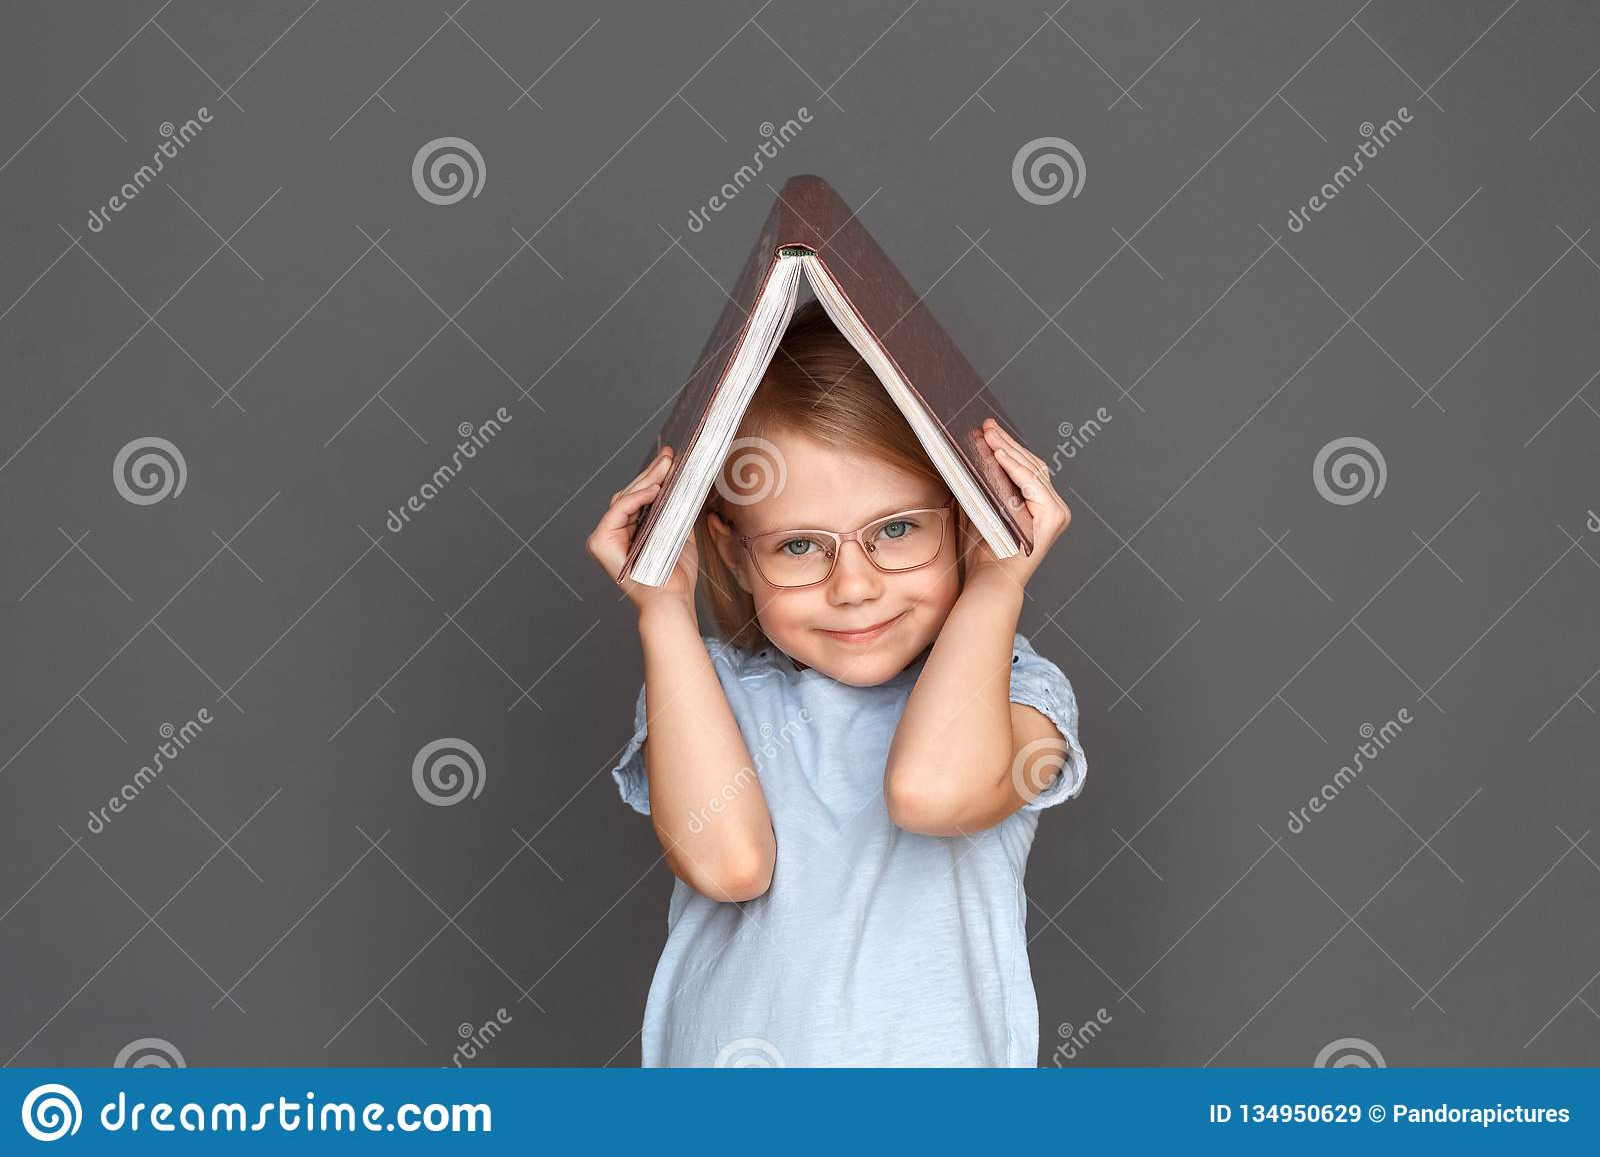 Fristil Liten flicka i glasögon på grått dölja under att le för bok som är gulligt